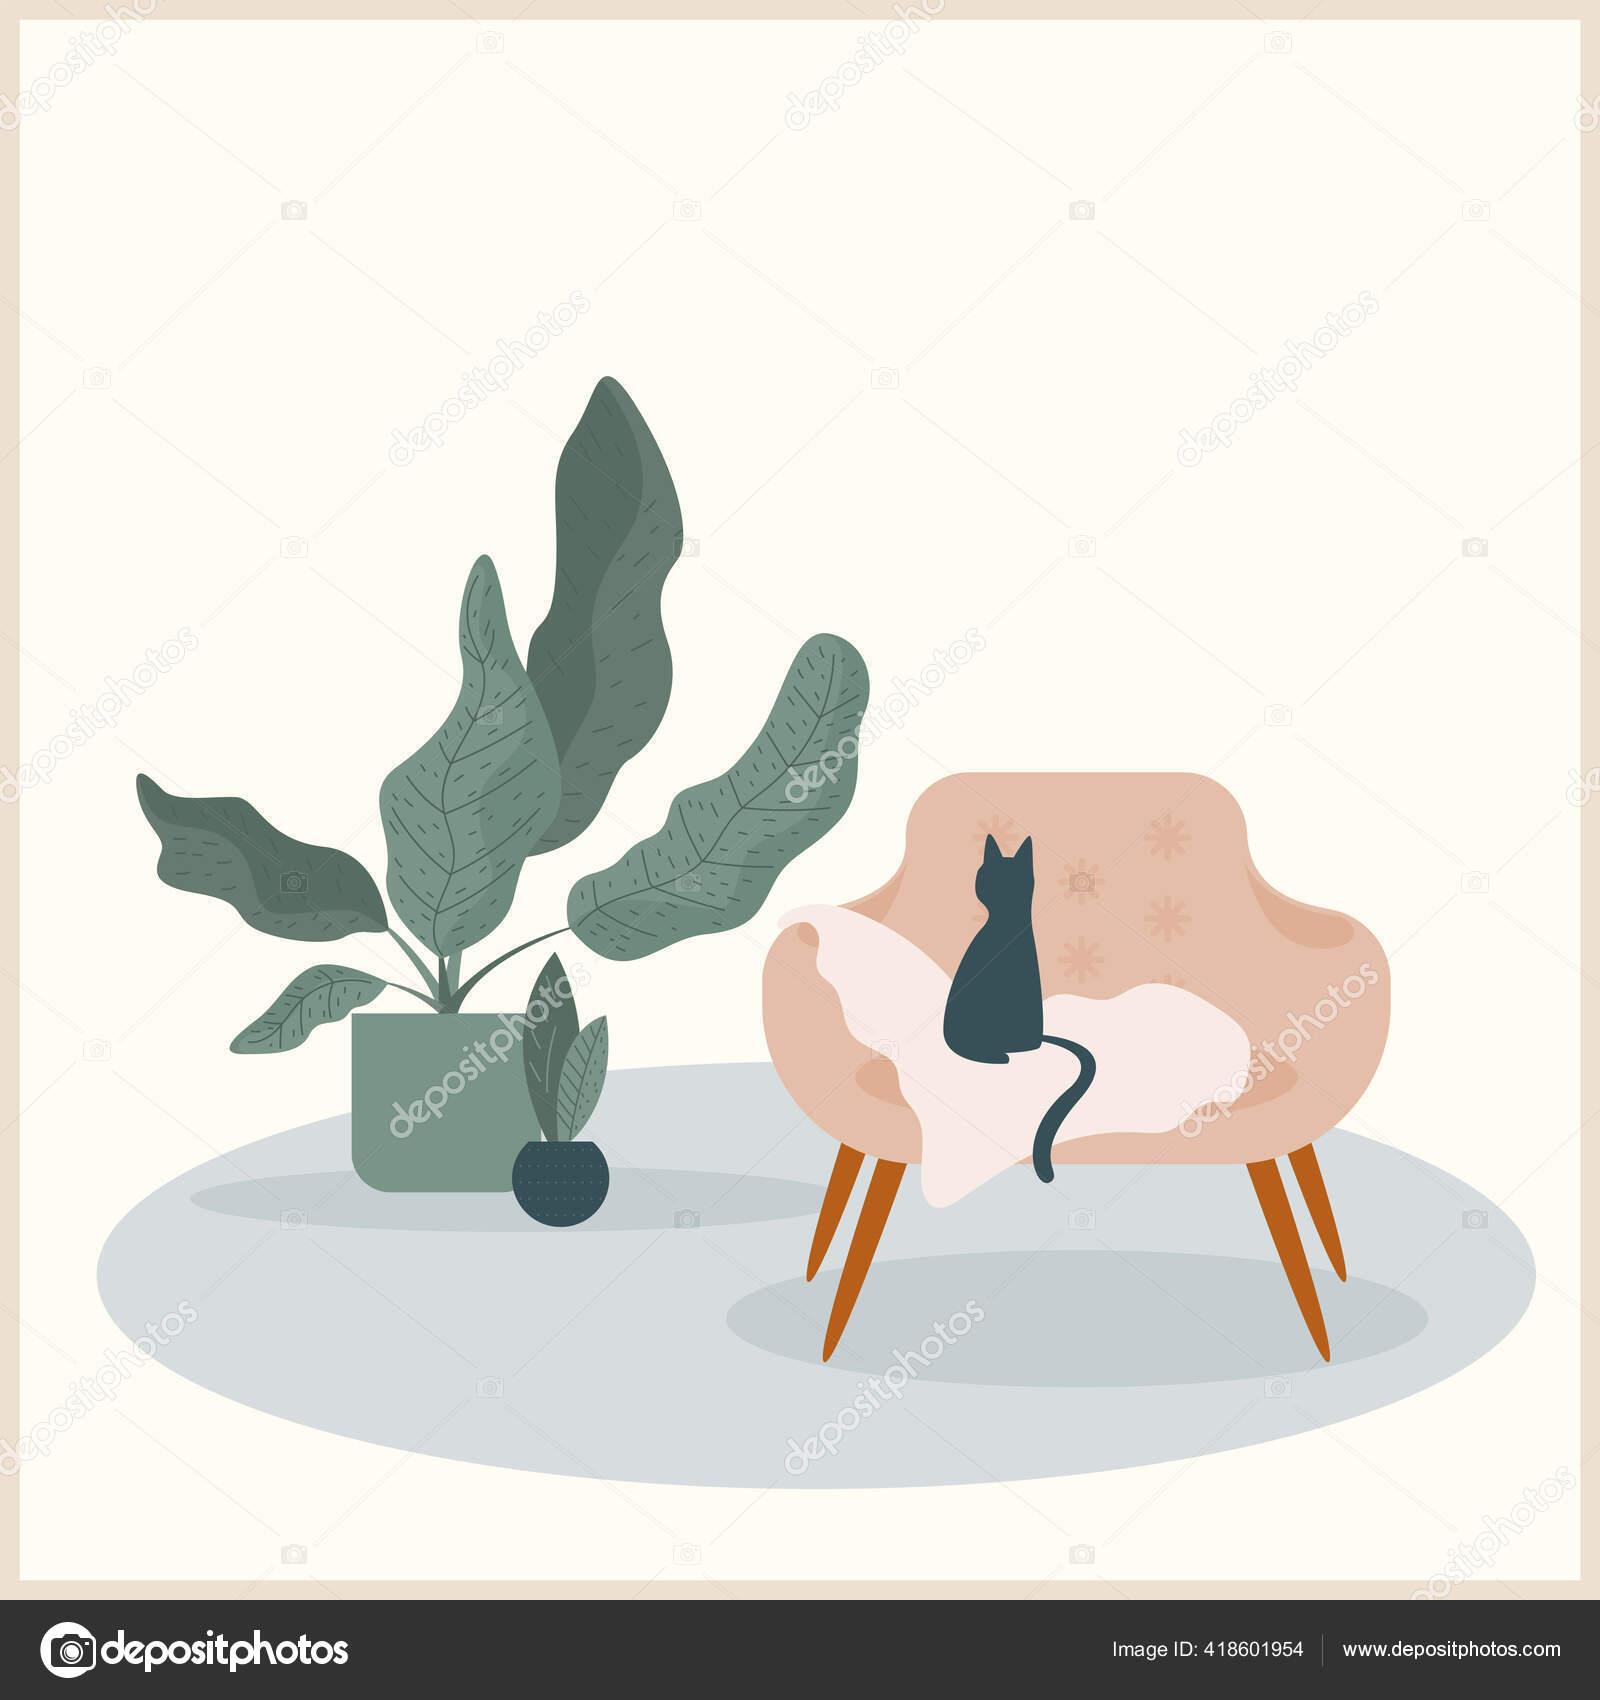 Abstract Handmade Cat Plant Illustration Desenho Mao Imagem Planta Para Vetores De Stock C Vanillamilk 418601954